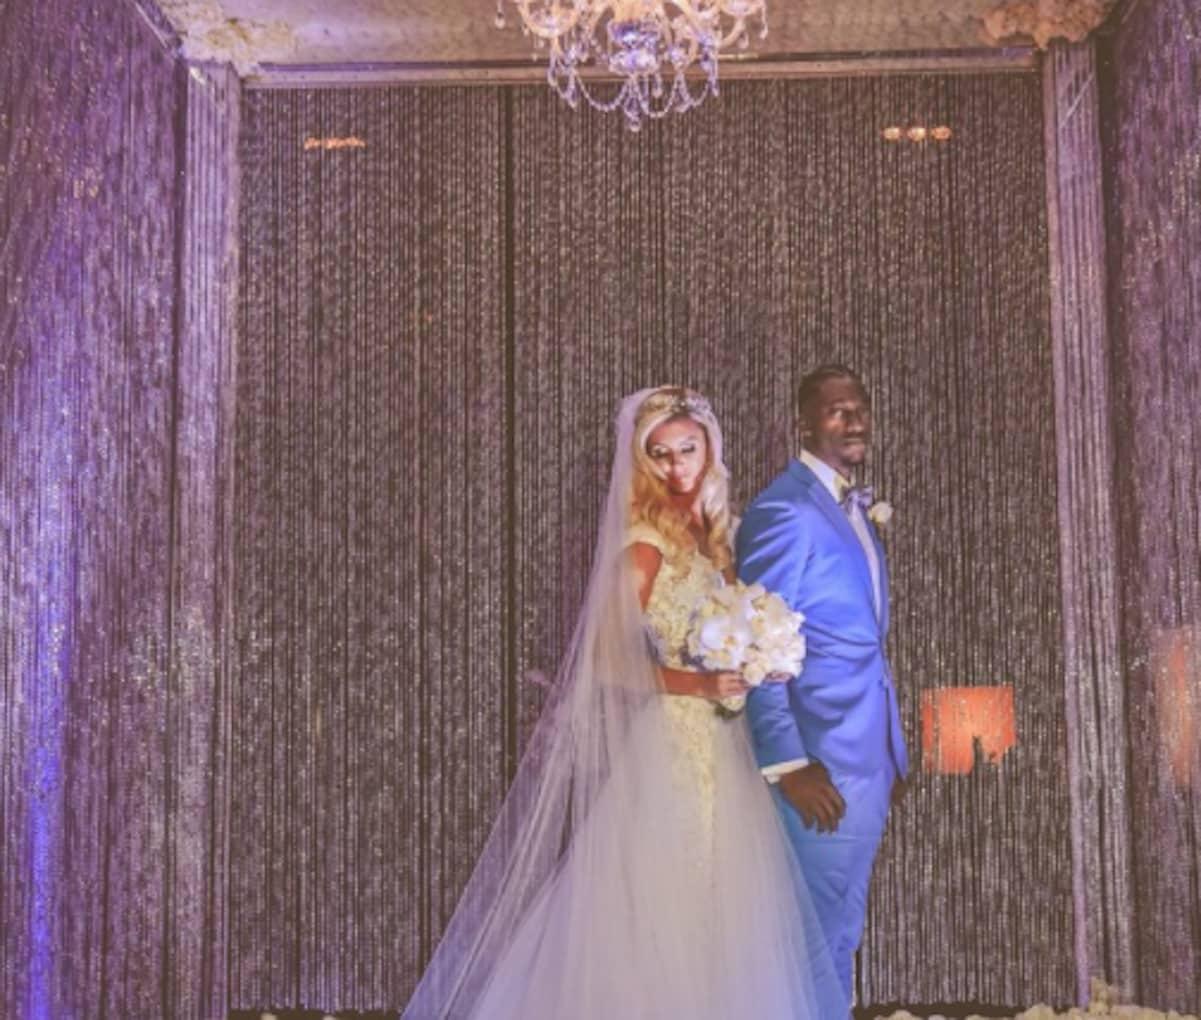 rgIII married